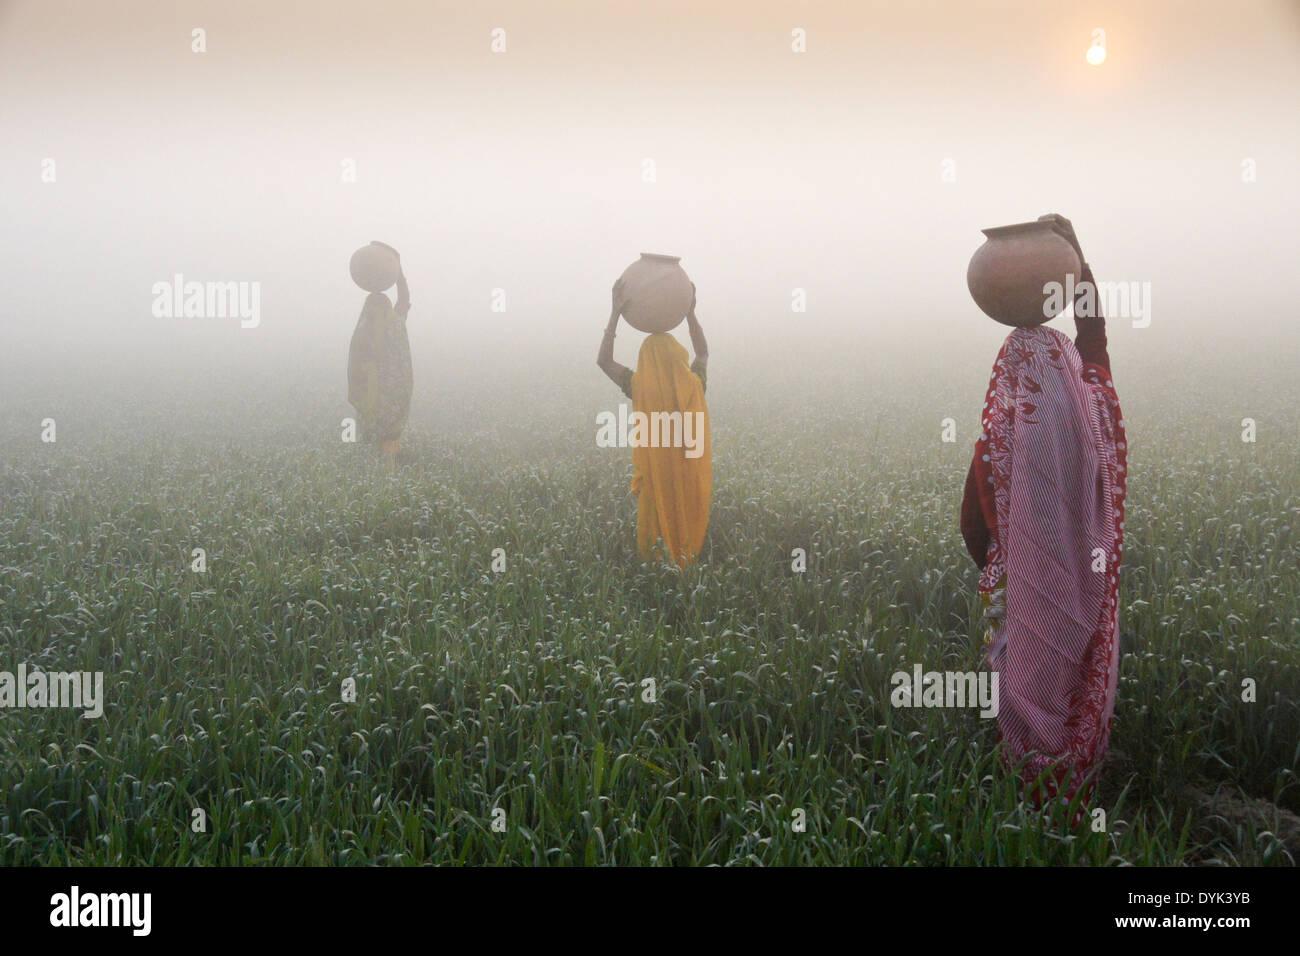 Frauen mit Krügen Wasser auf Kopf, ein Spaziergang durch Reisfelder bei Sonnenaufgang an einem nebligen Morgen, Indien Stockbild